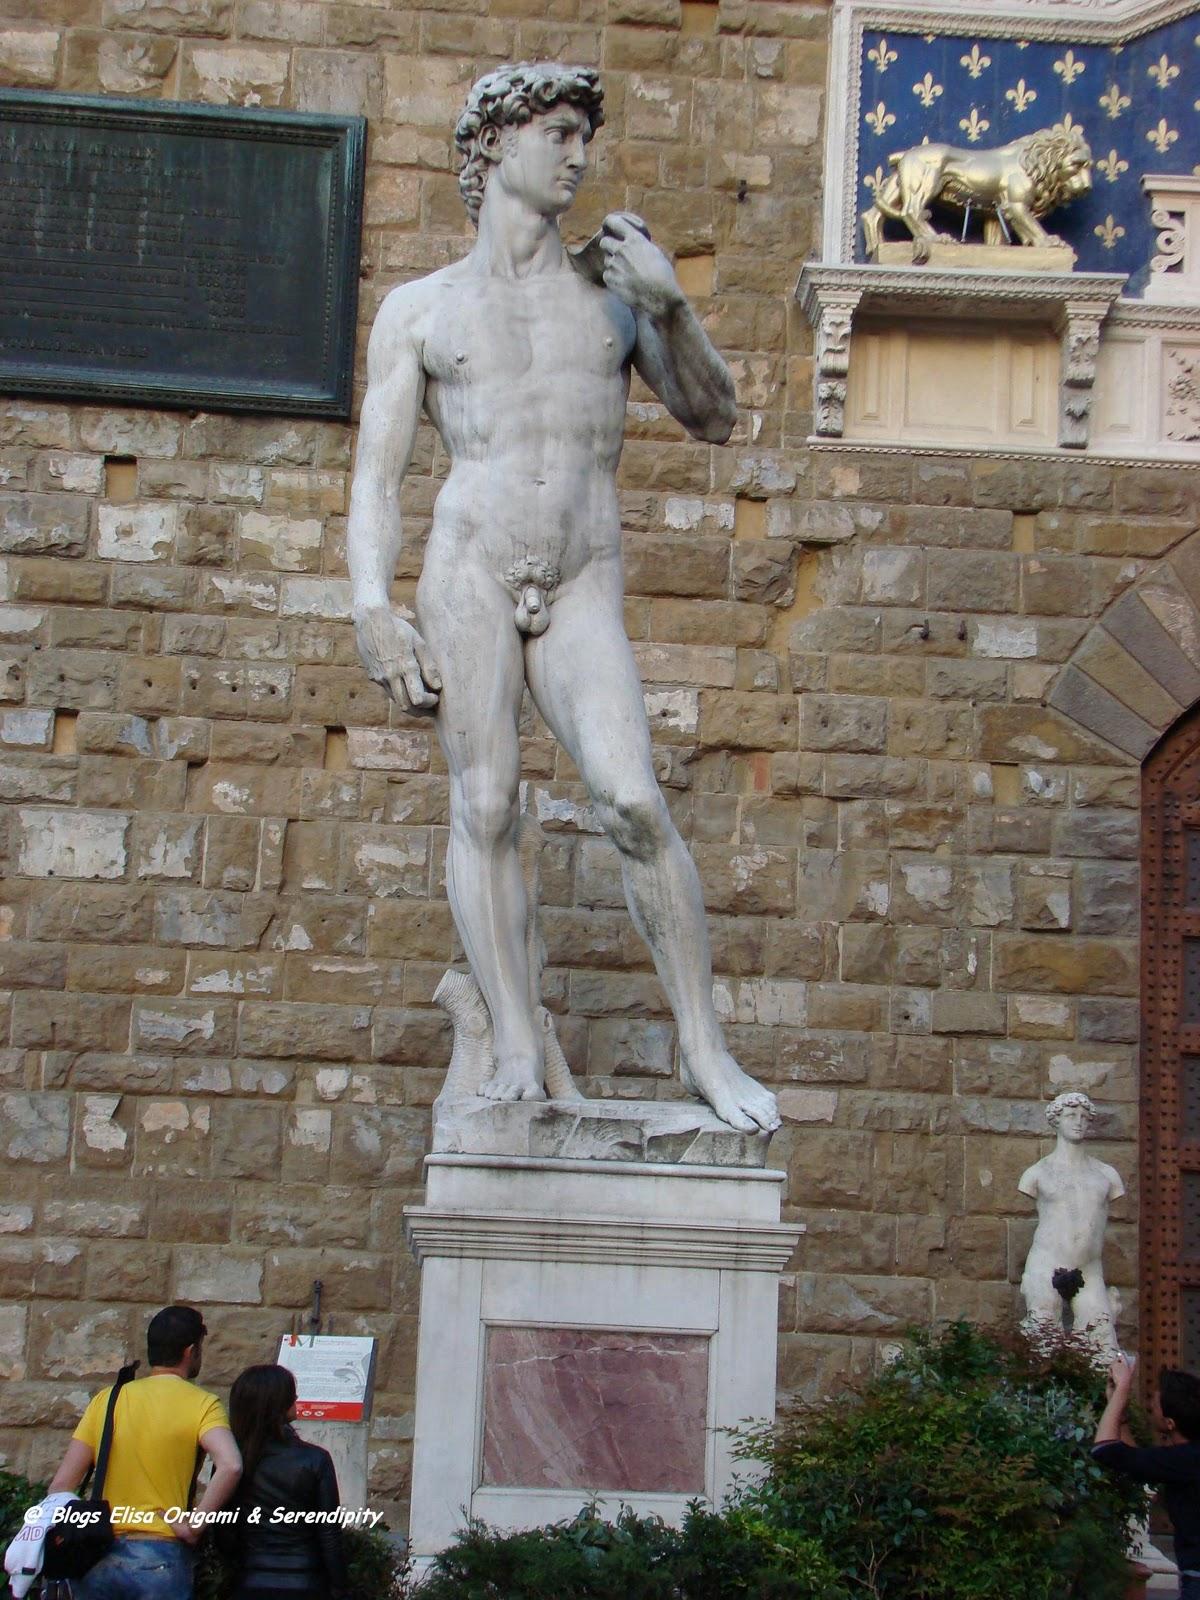 Miguel Ángel, Michelangelo Buonarotti, Italia, Elisa N, Blog de Viajes, Lifestyle, Travel